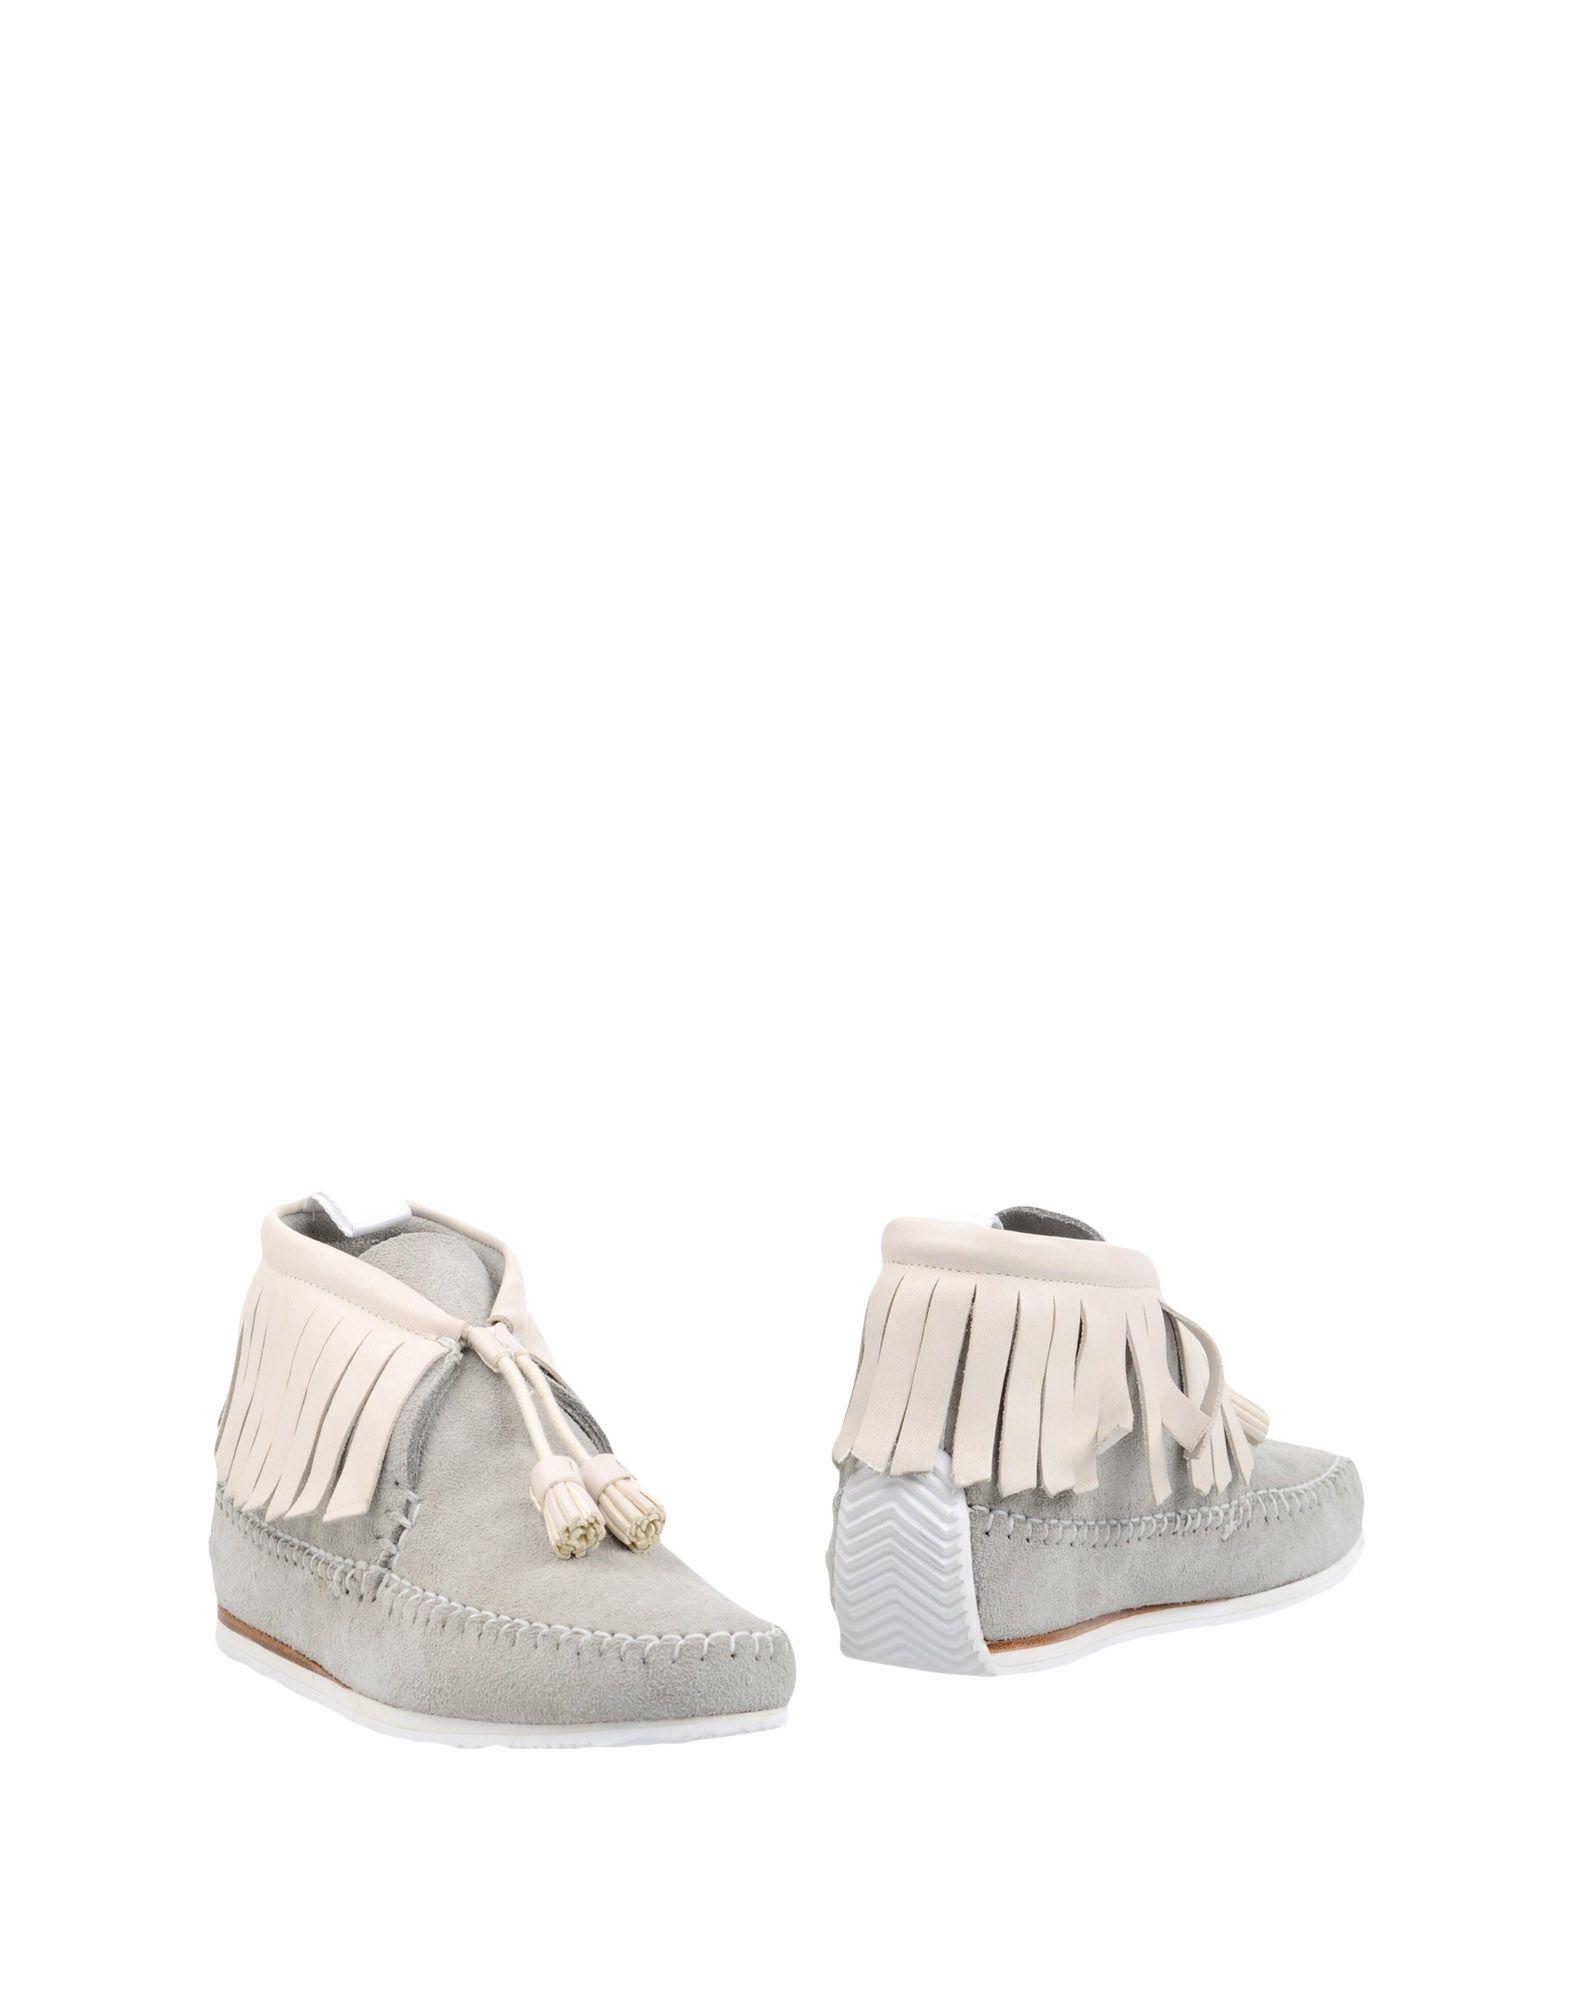 Stilvolle Bone billige Schuhe Rag & Bone Stilvolle Stiefelette Damen  11247089VJ 994327